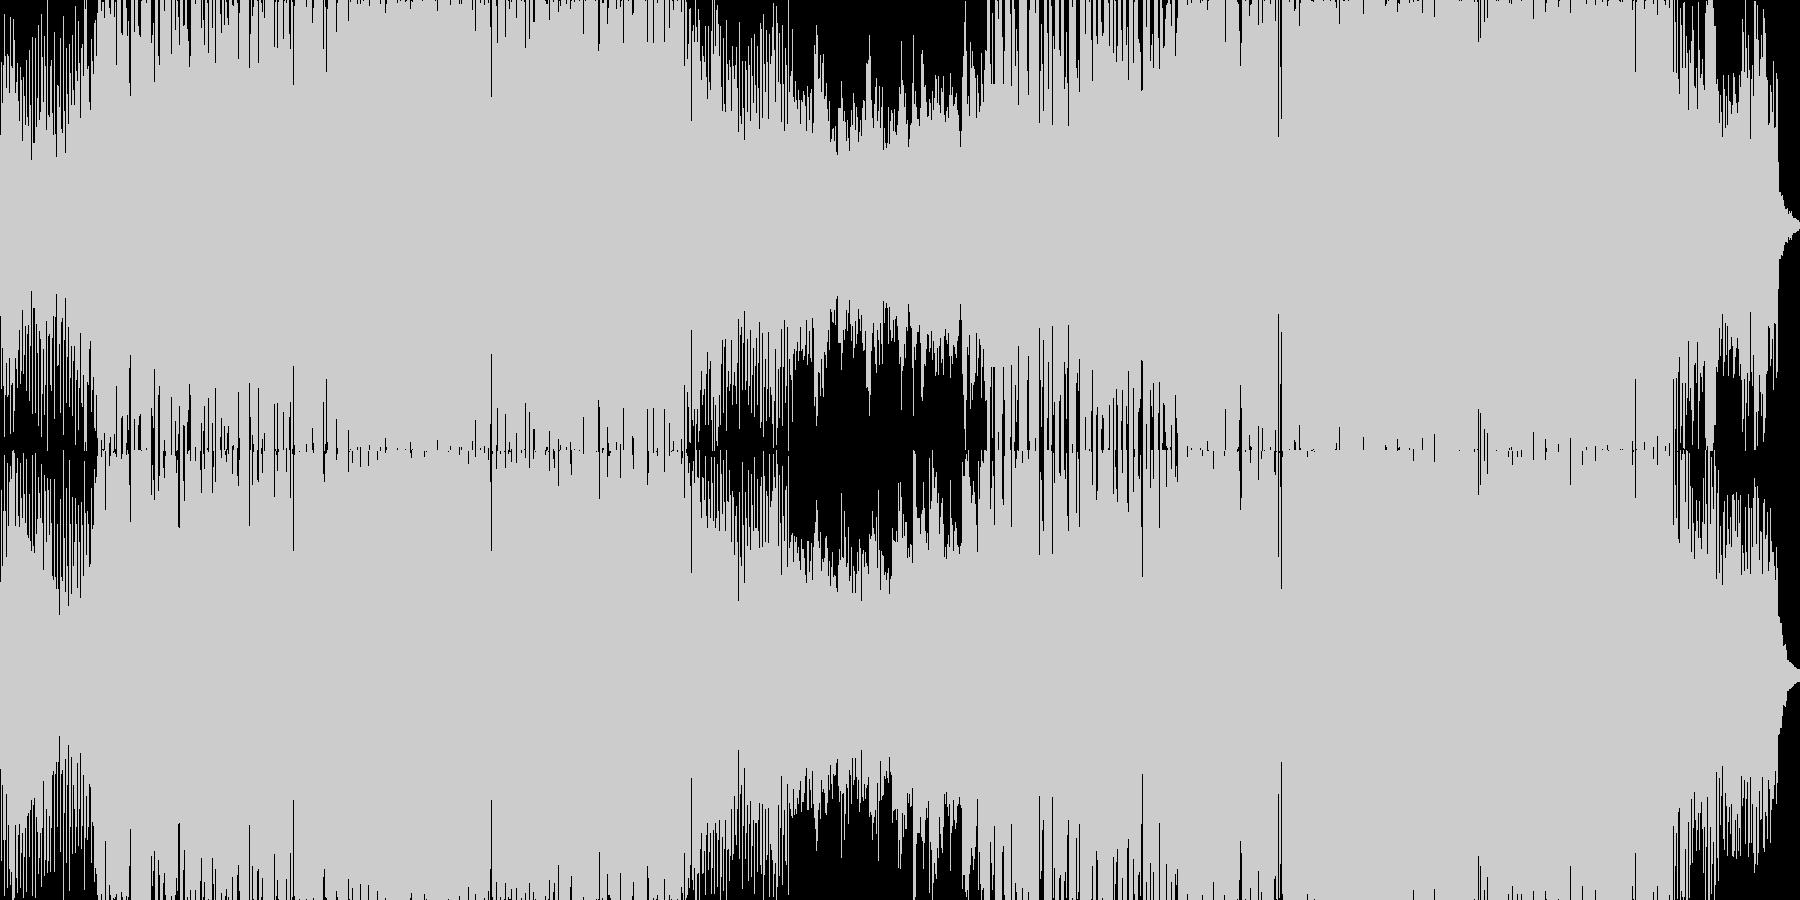 エモーショナルで軽快なエレクトロニックの未再生の波形